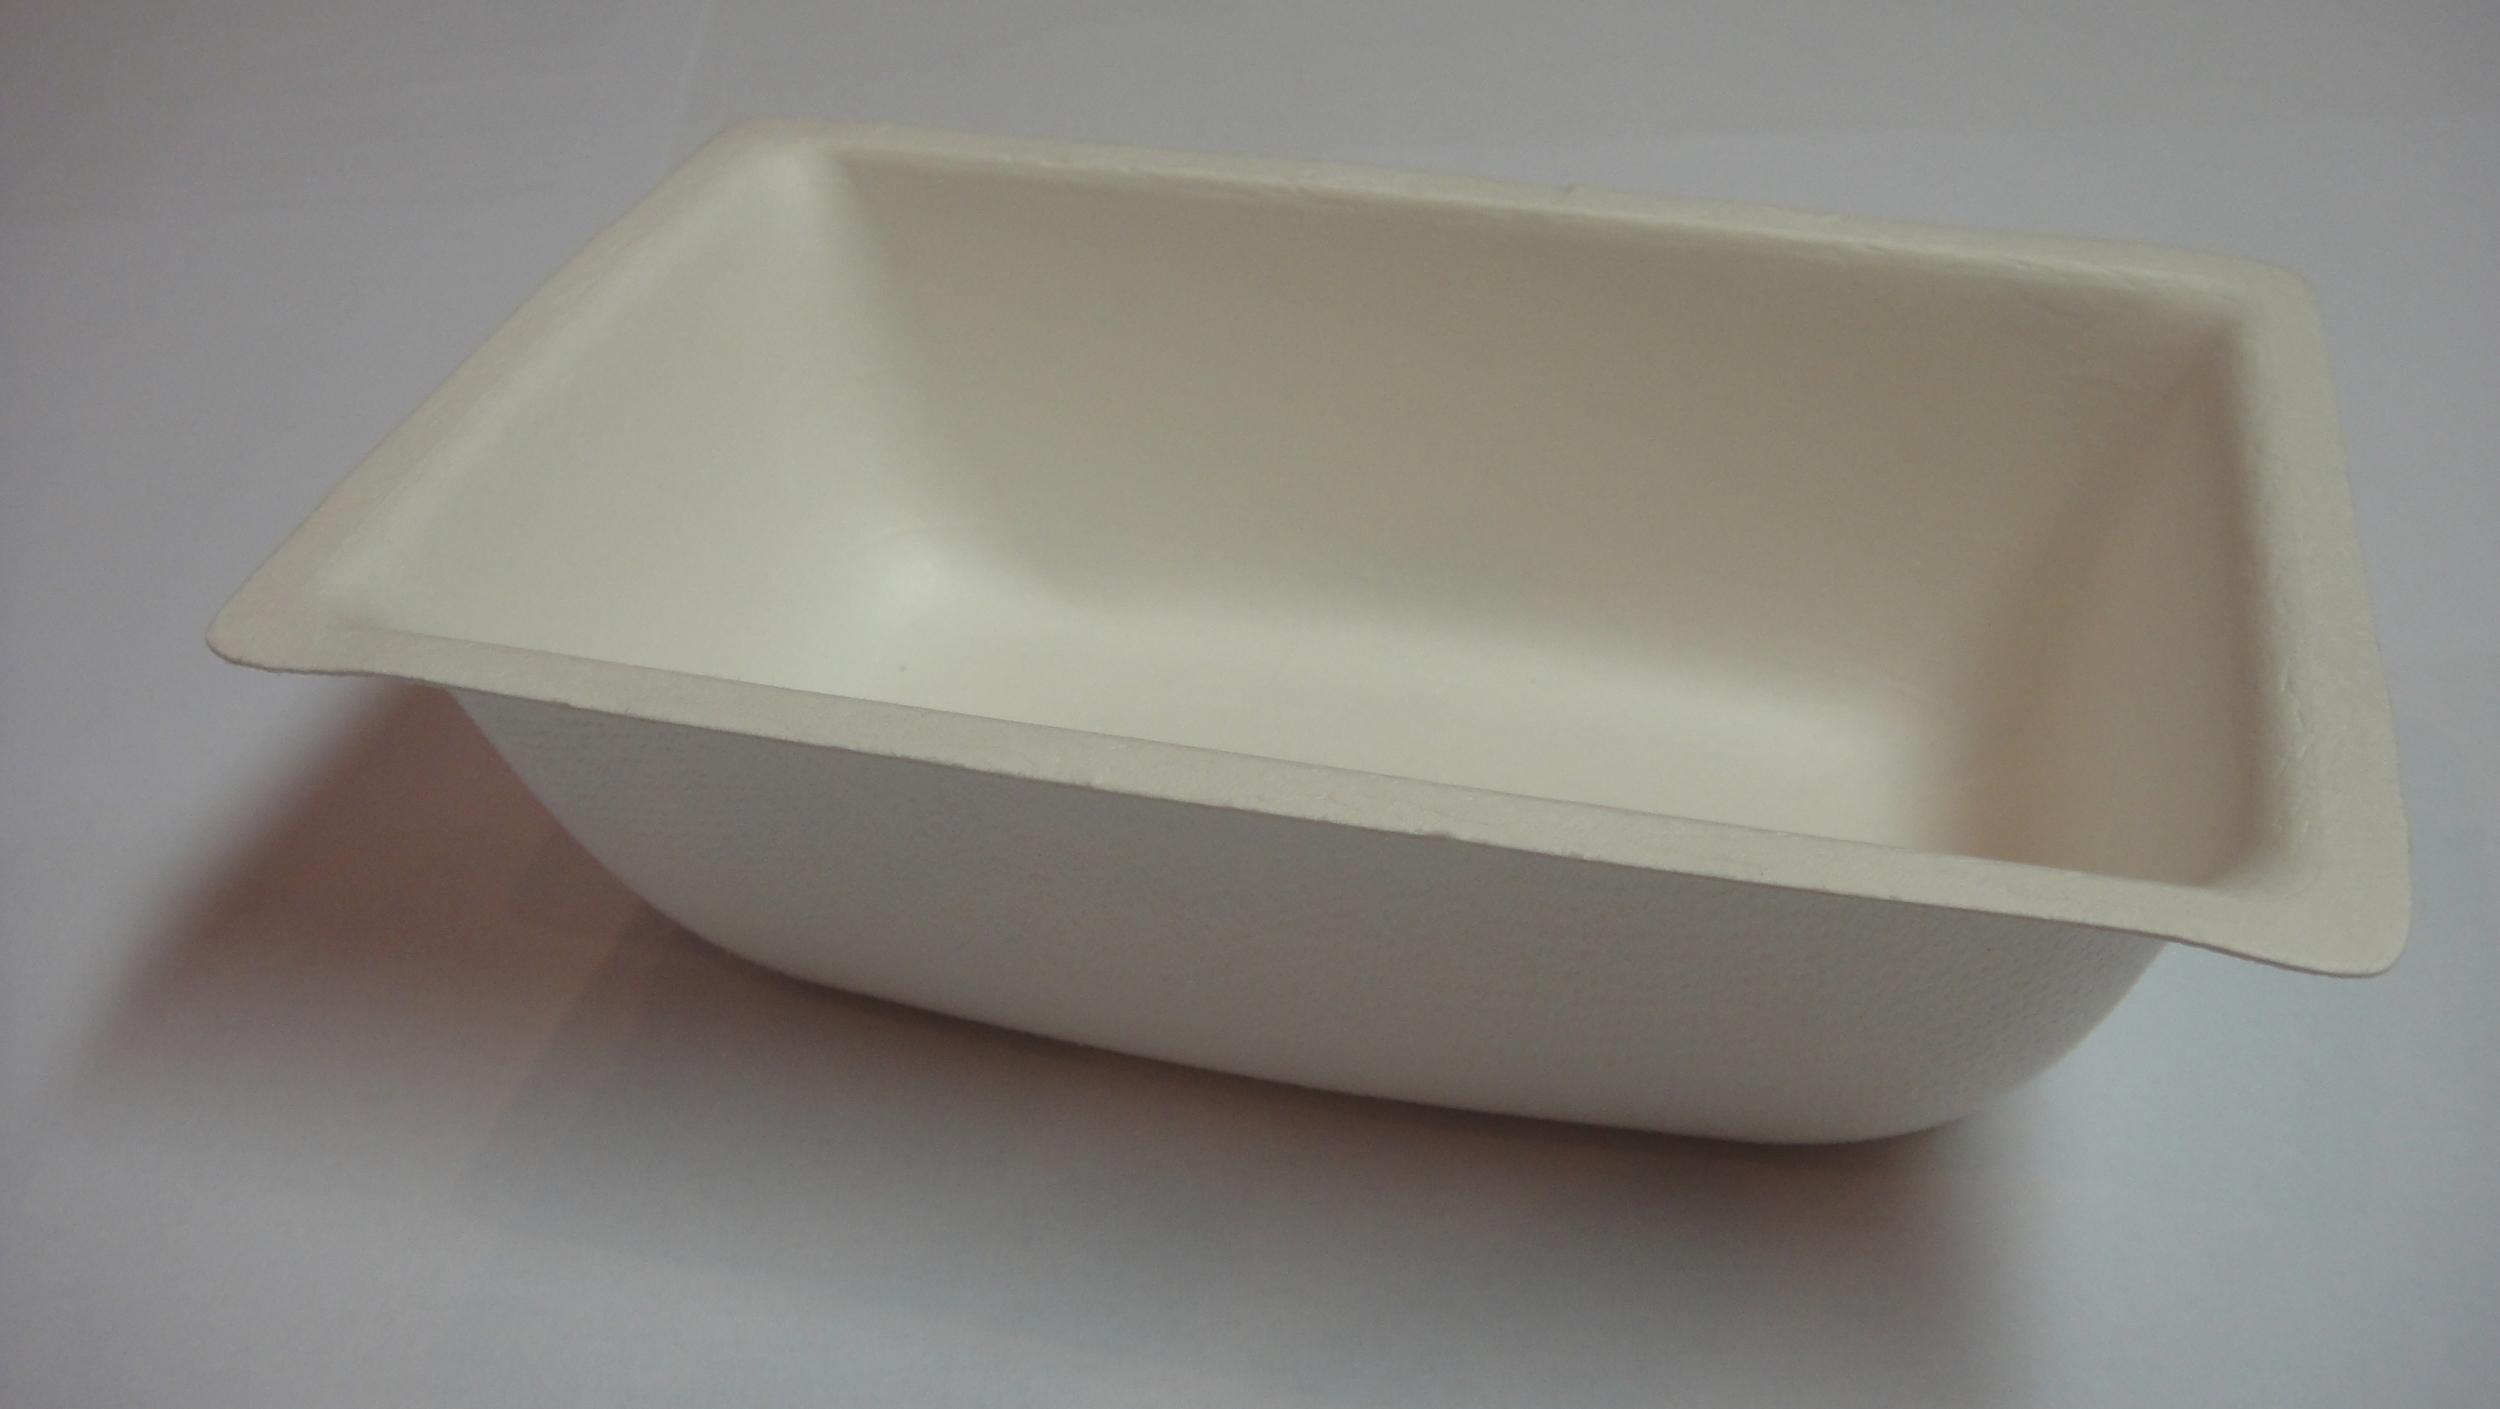 Barquette biodégradable 350 ml en pulpe de canne à sucre 9.5x14.5x4 cm vendue par 50